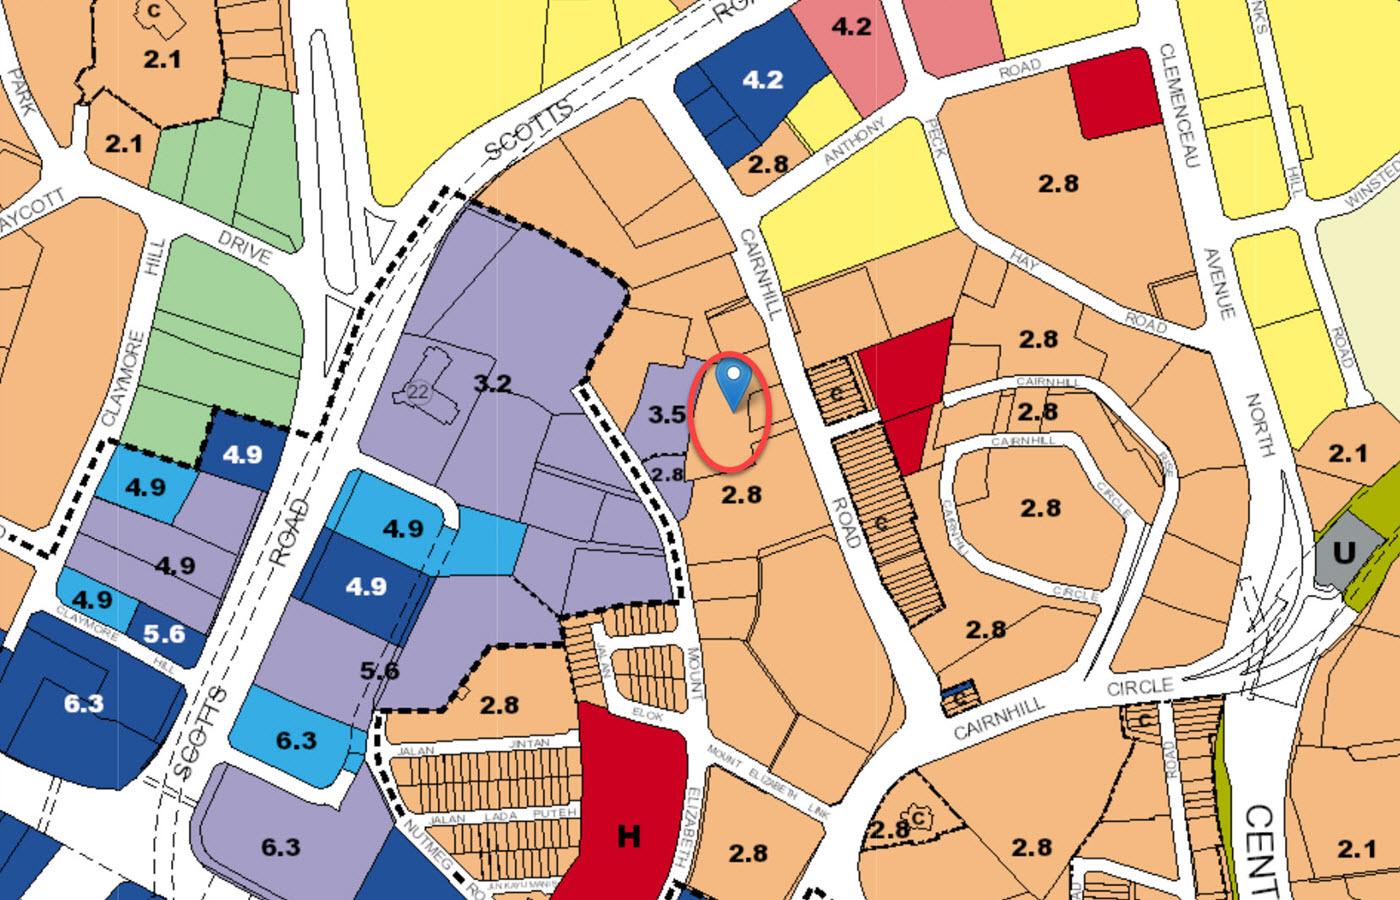 The Ritz-Carlton Residences - URA Master Plan Map